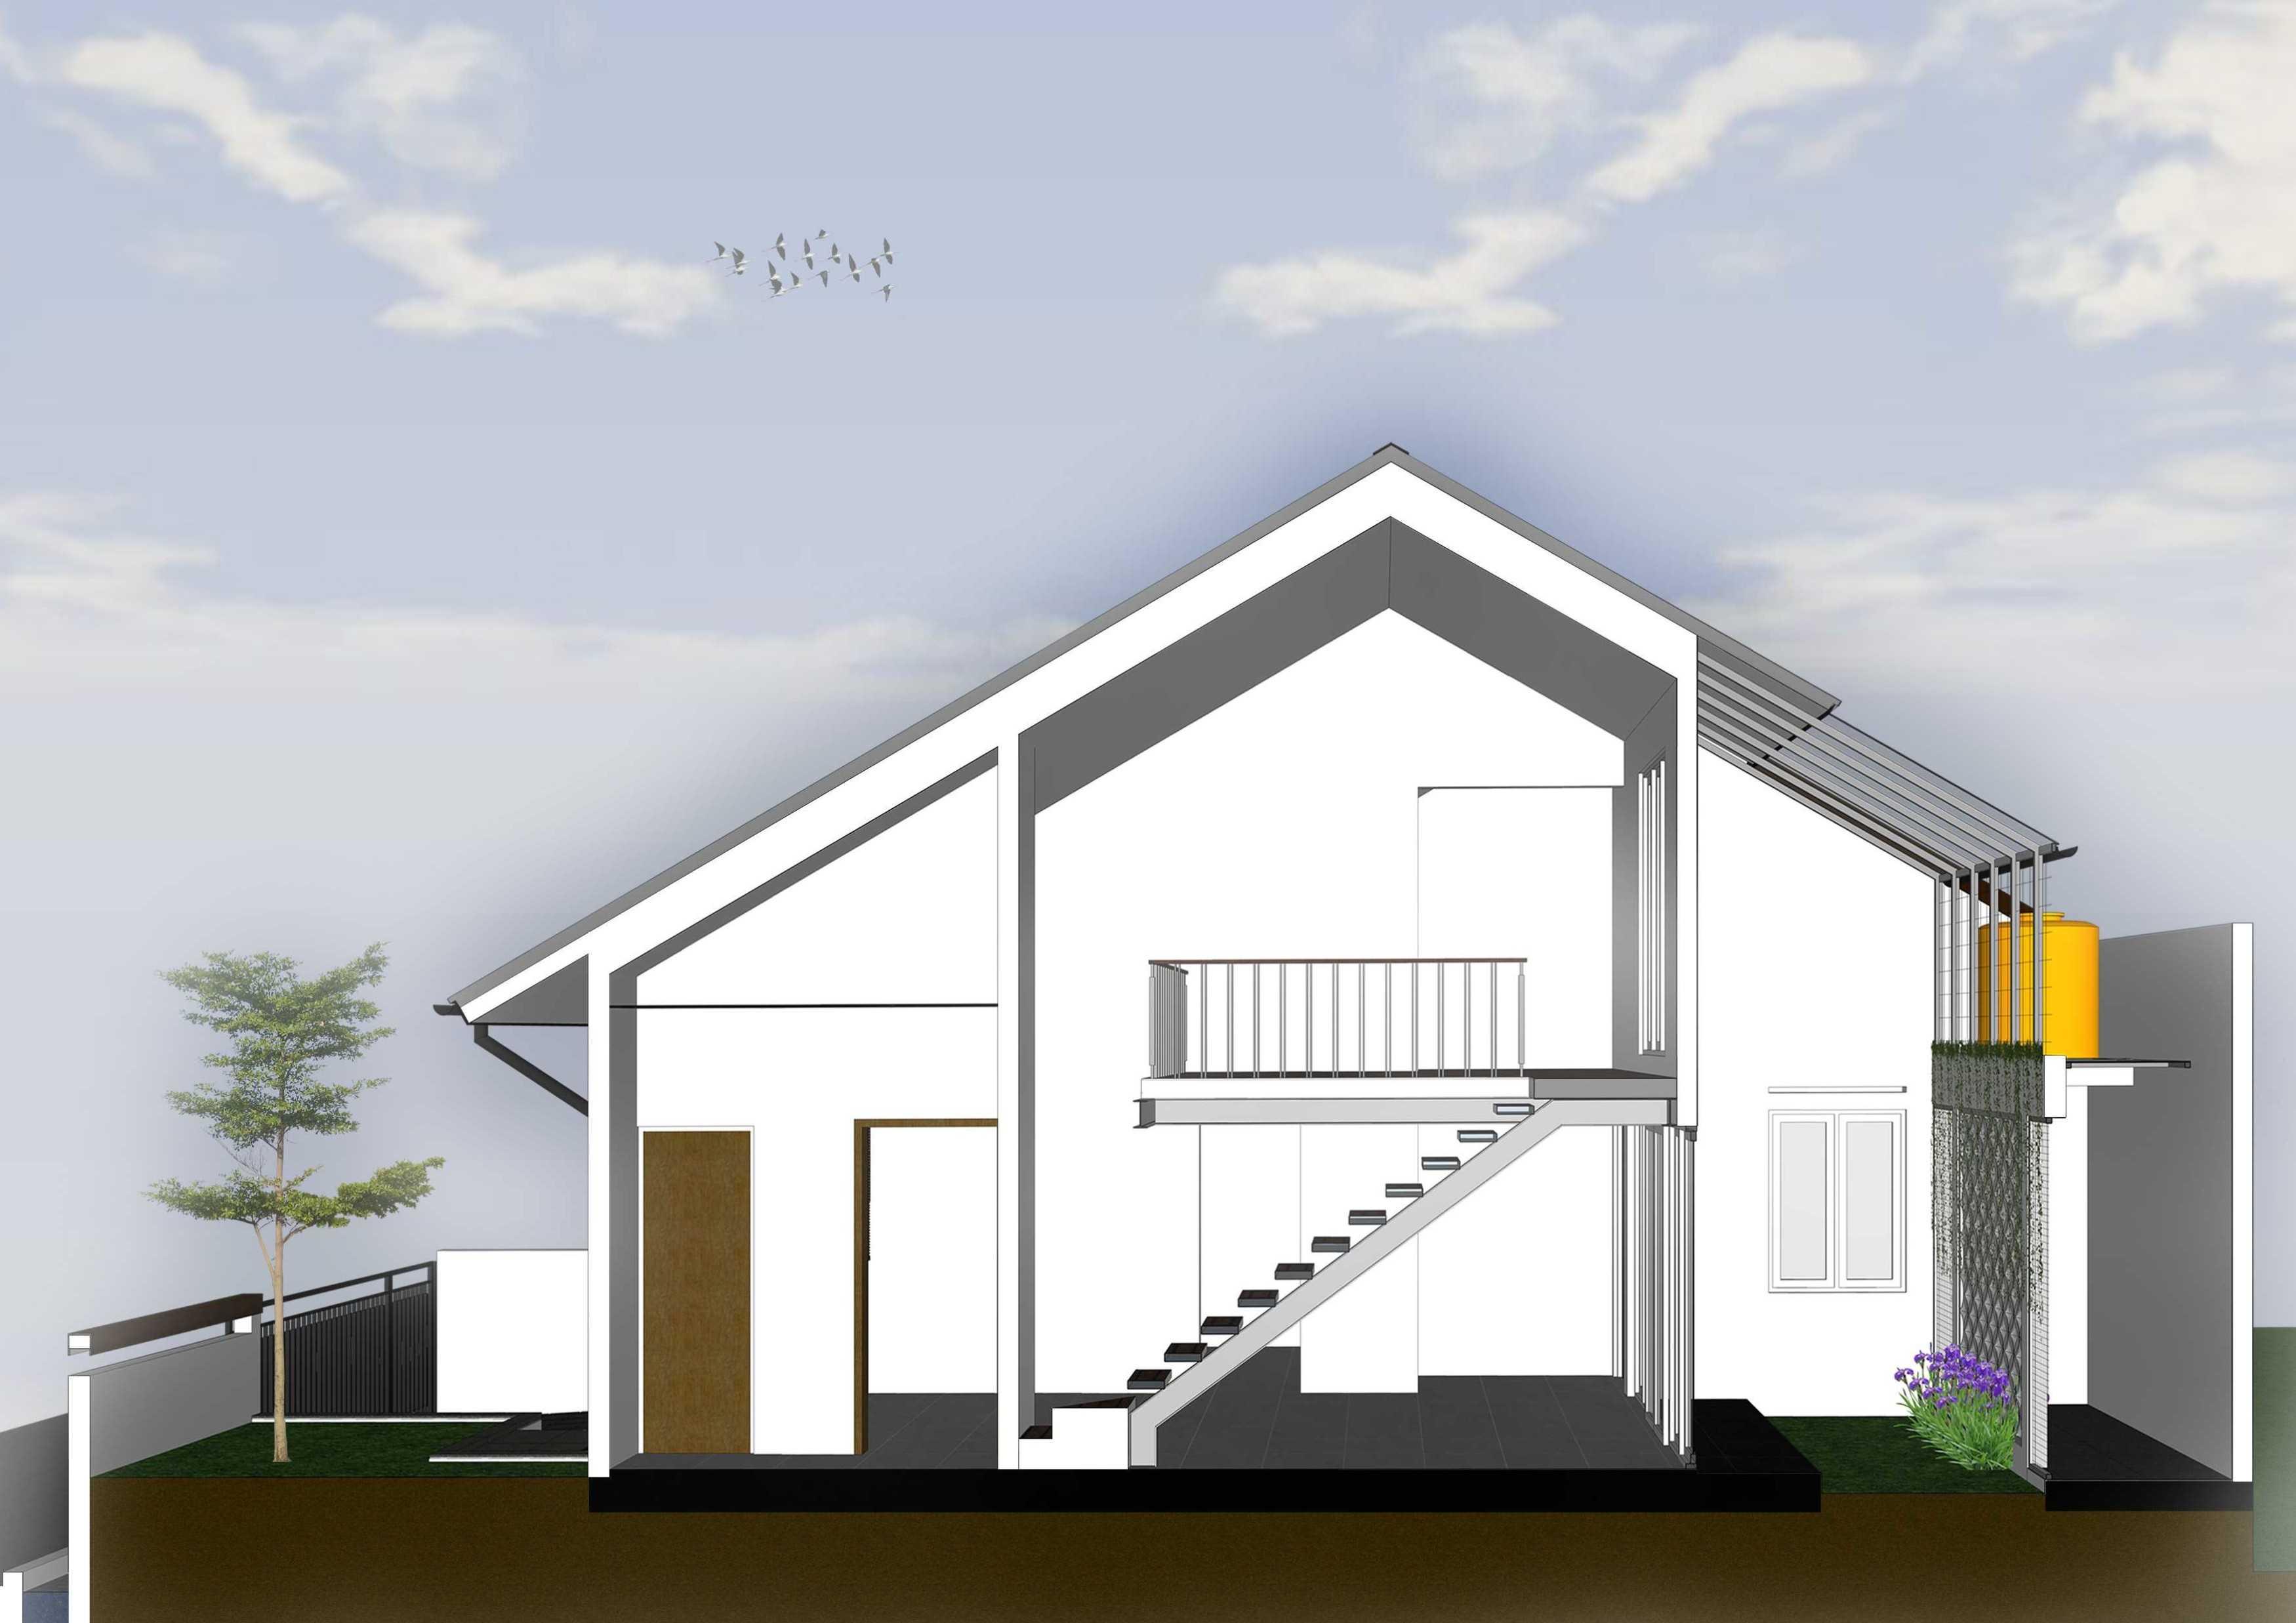 Asdesign Renovasi - Rumah Tinggal - Depok Kota Depok, Jawa Barat, Indonesia Kota Depok, Jawa Barat, Indonesia Asdesign-Rumah-Tinggal-Depok   128735